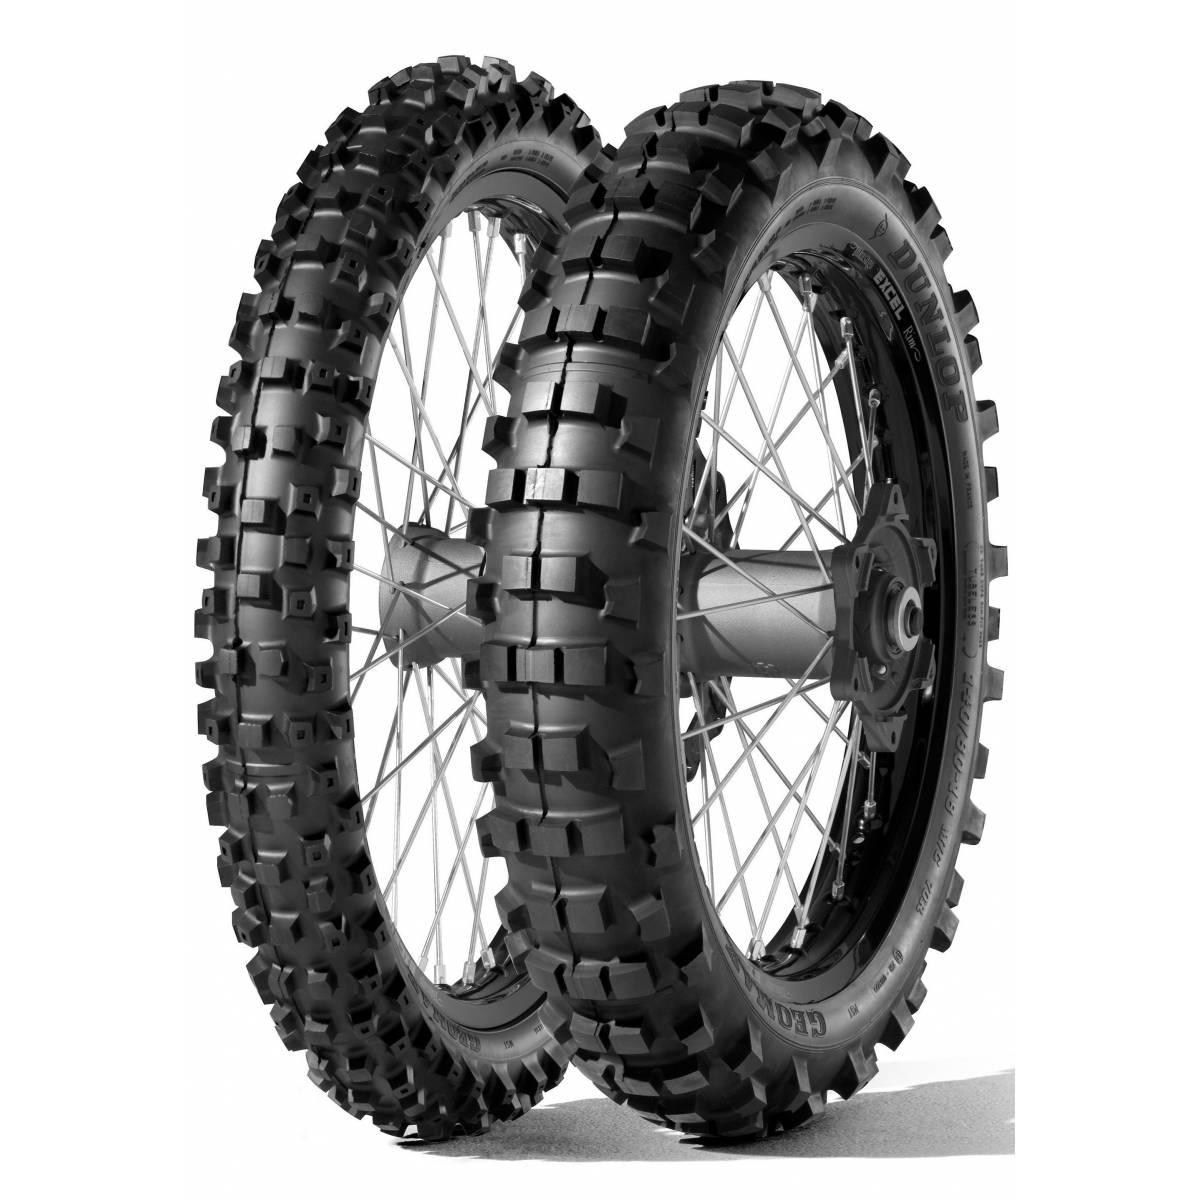 D1009019-D952 - Neumático Dunlop 100 90-19 D952